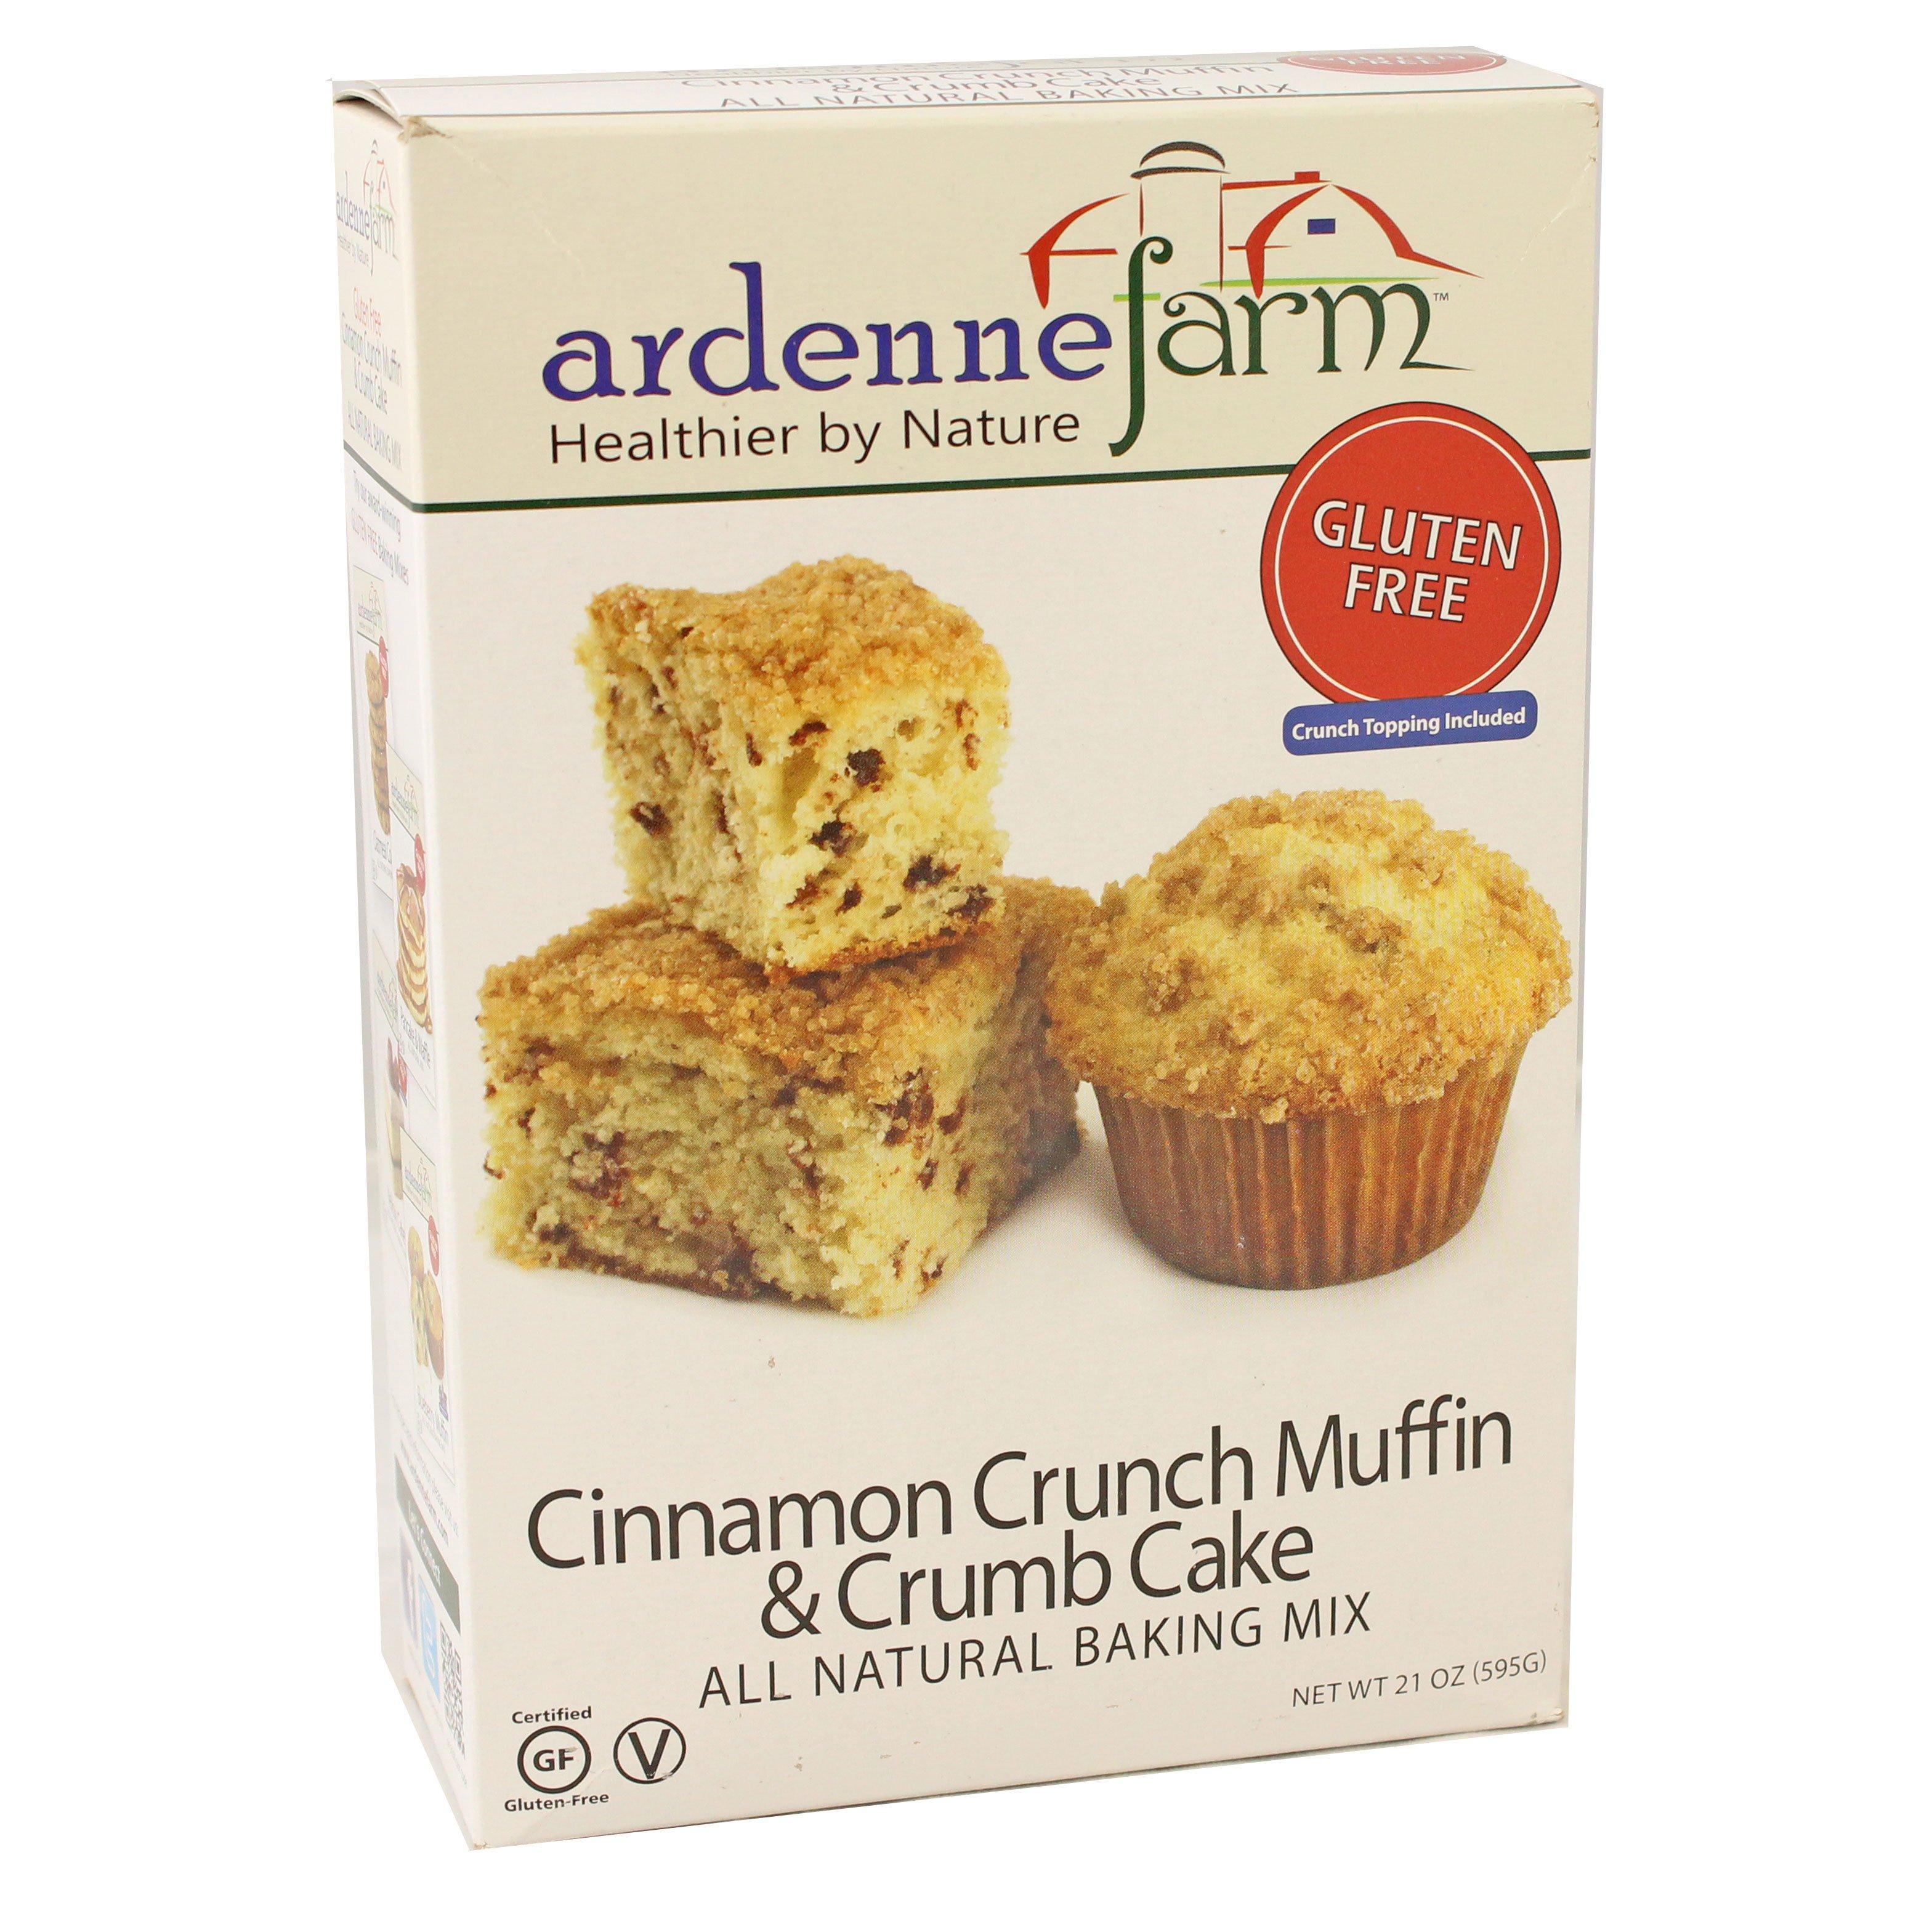 Ardenne Farm Gluten Free Cinnamon Crunch Crumb Mix - Shop ...